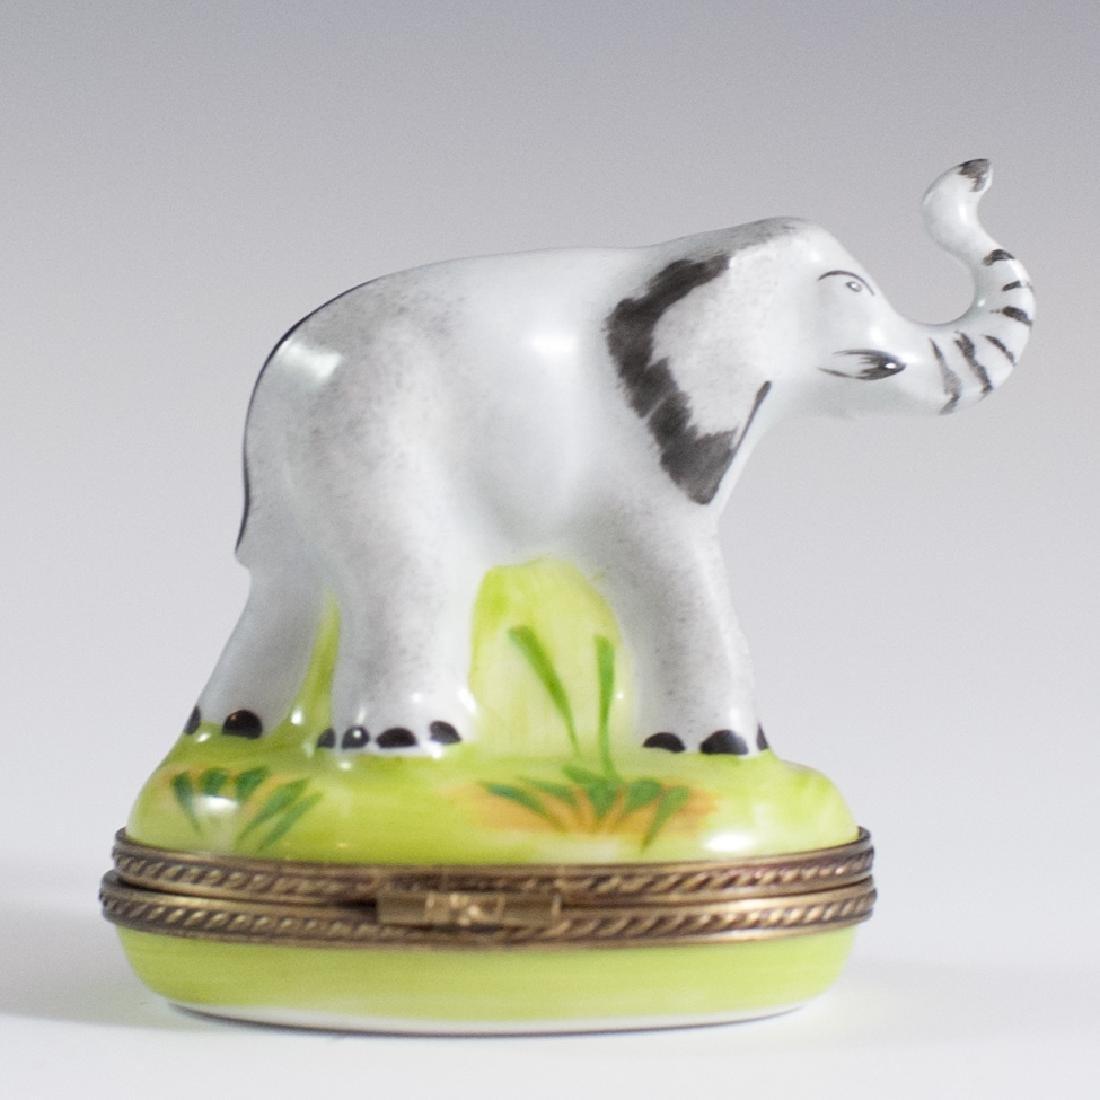 Eximious Limoges Porcelain Trinket Box - 2